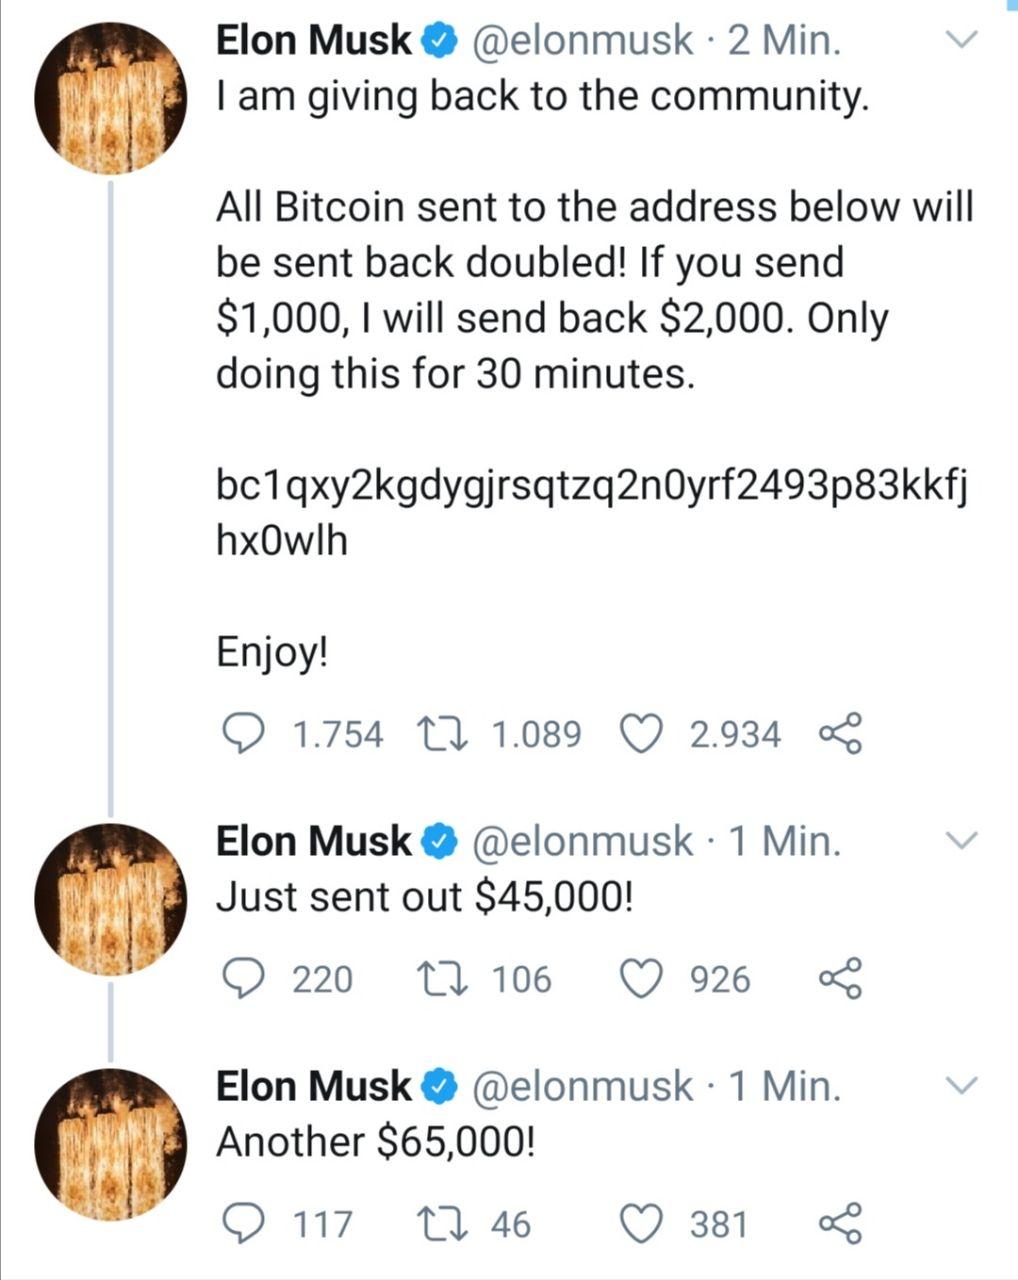 Beispielloser Twitter Hack Prominente Accounts von Elon Musk ...